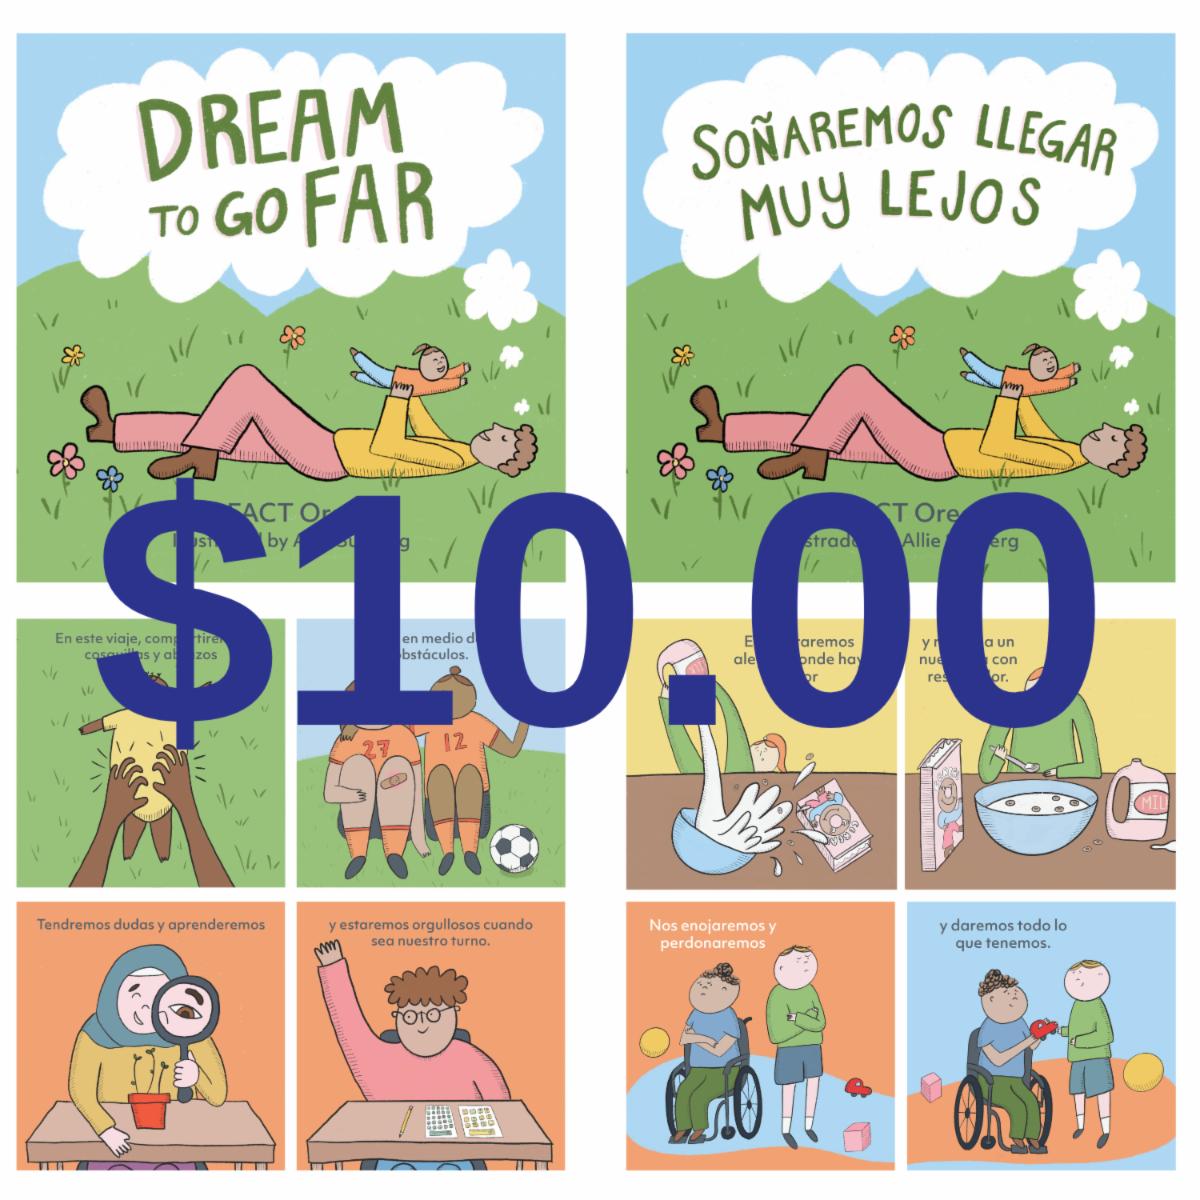 Soñaremos Llegar Lejos $10